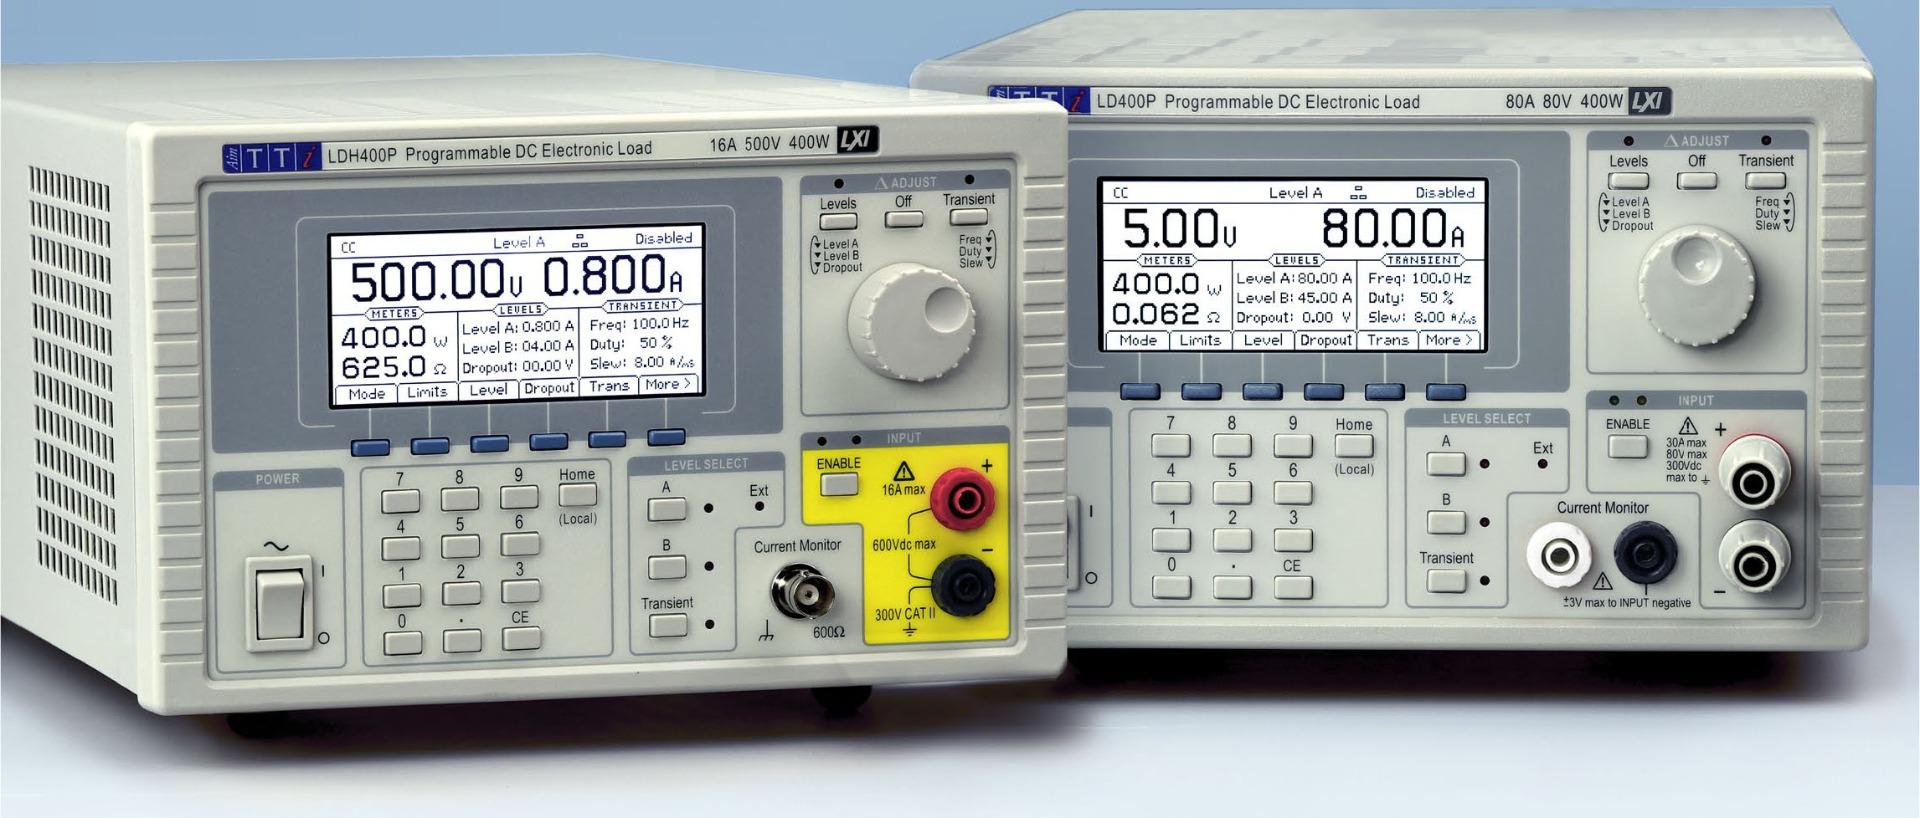 TTI LD400P series CControls